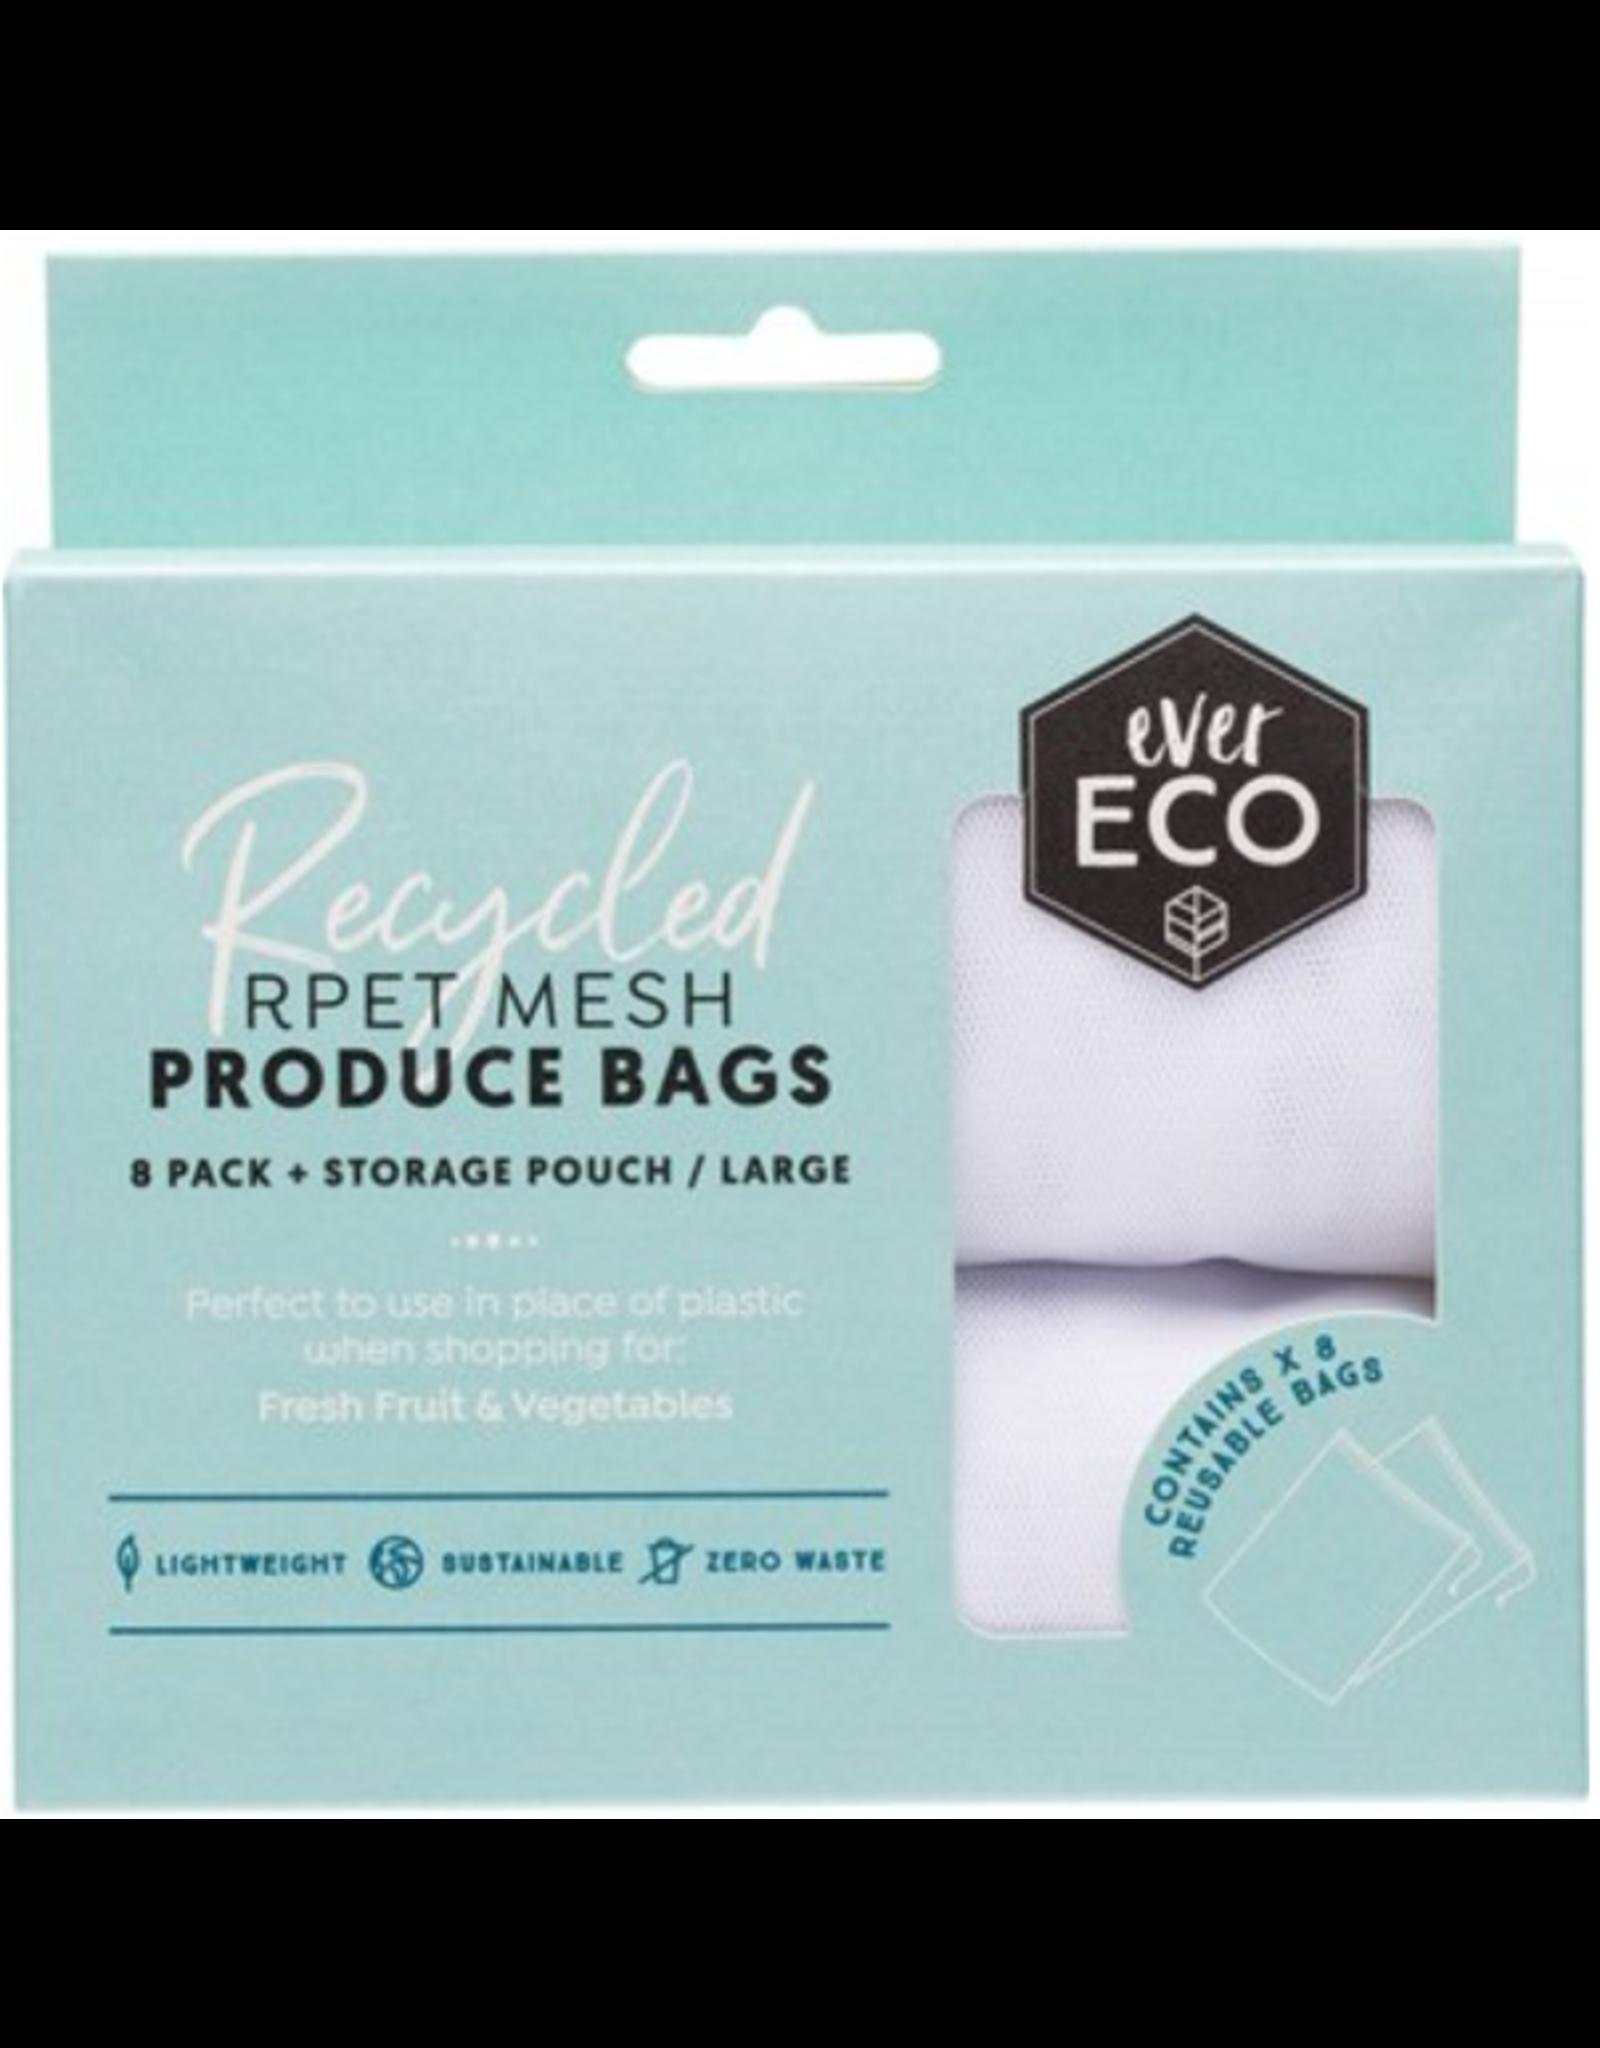 Ever Eco Reusable Produce Bags  8pk plus Storage Pouch